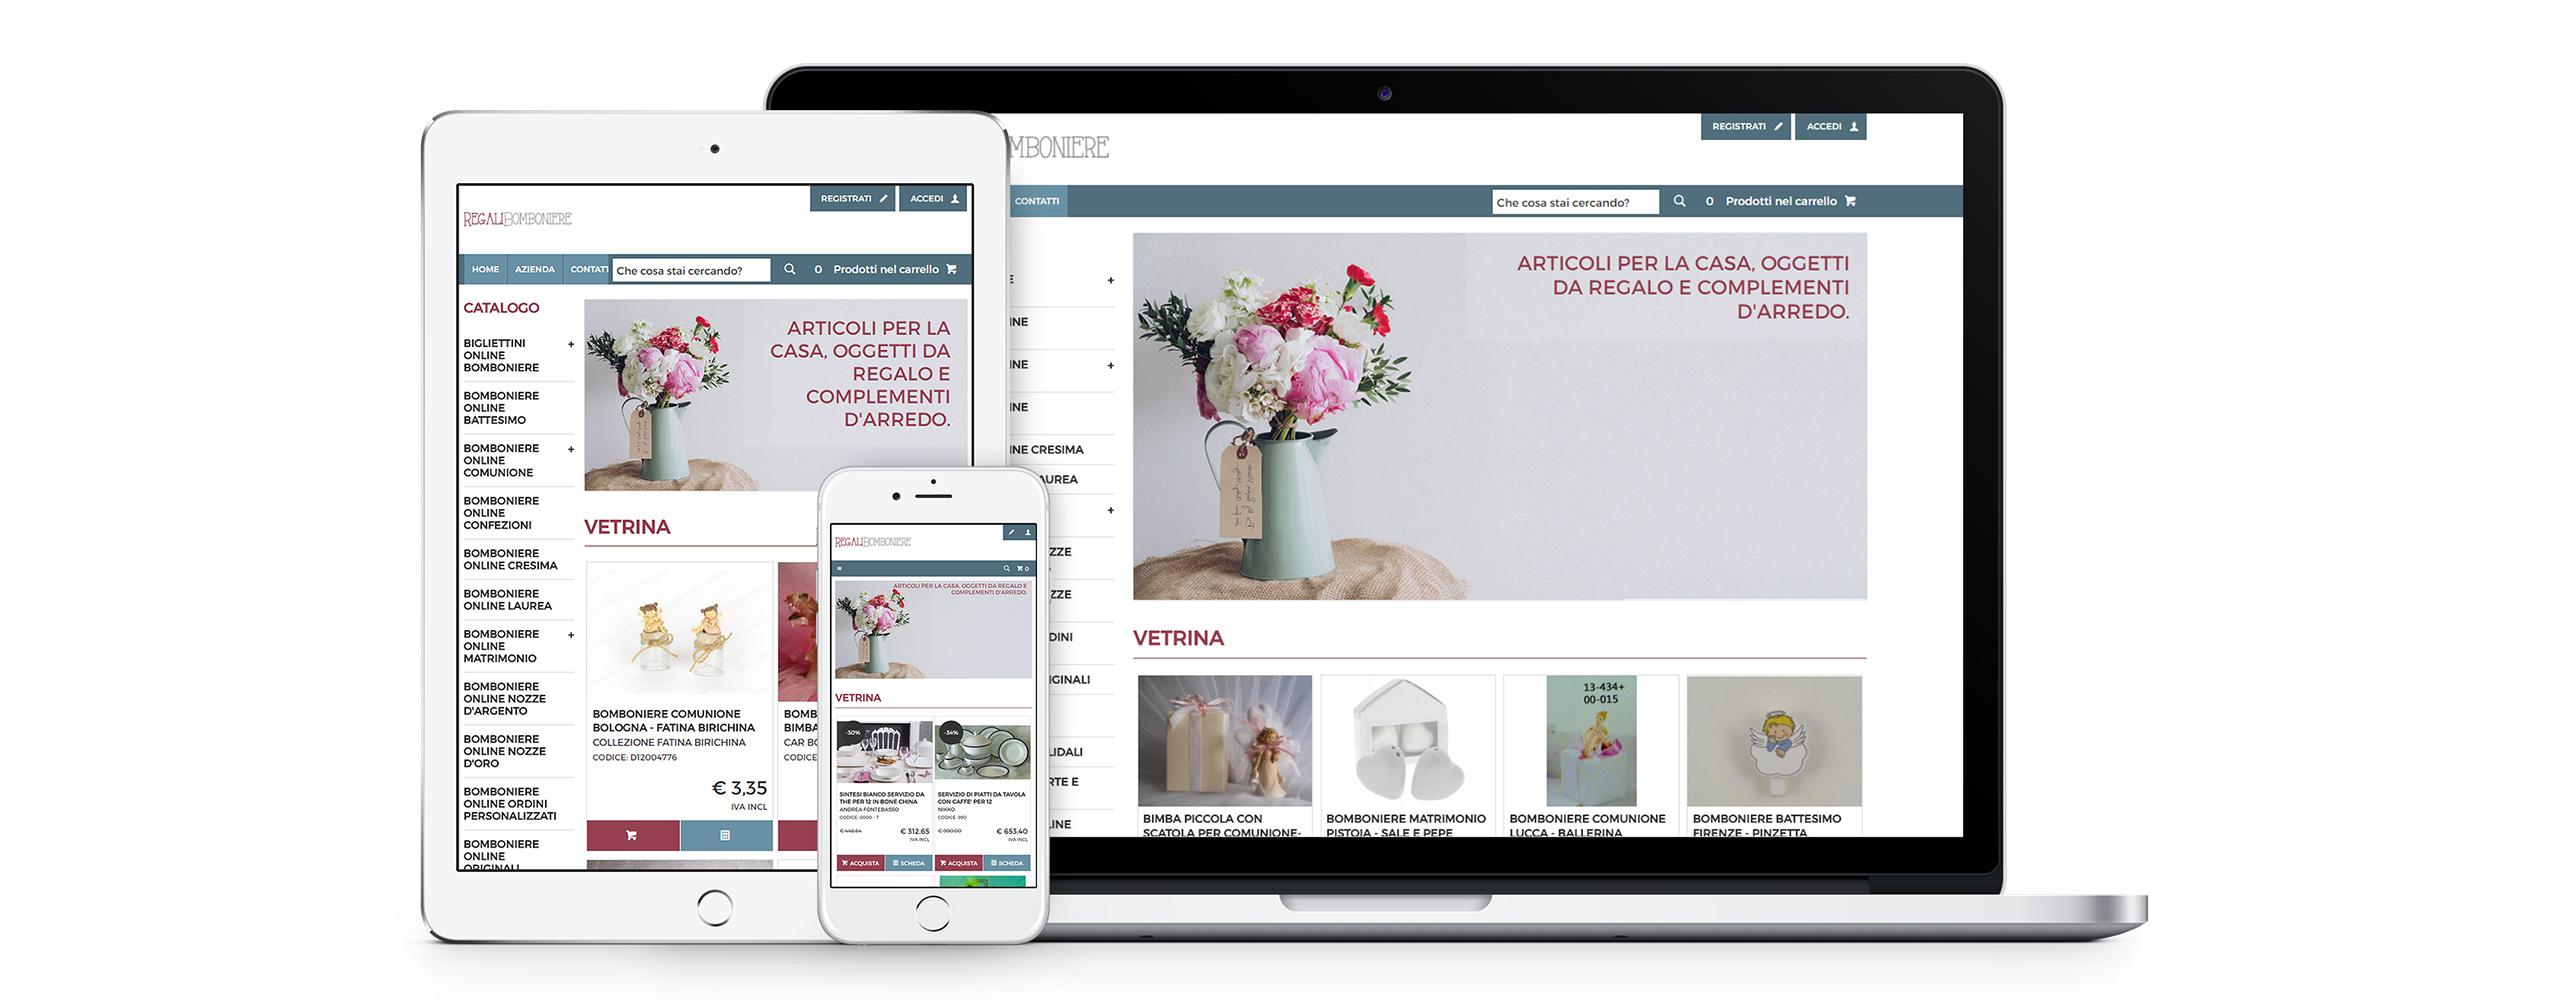 Finest negozio online di articoli with articoli per la for Articoli casa online